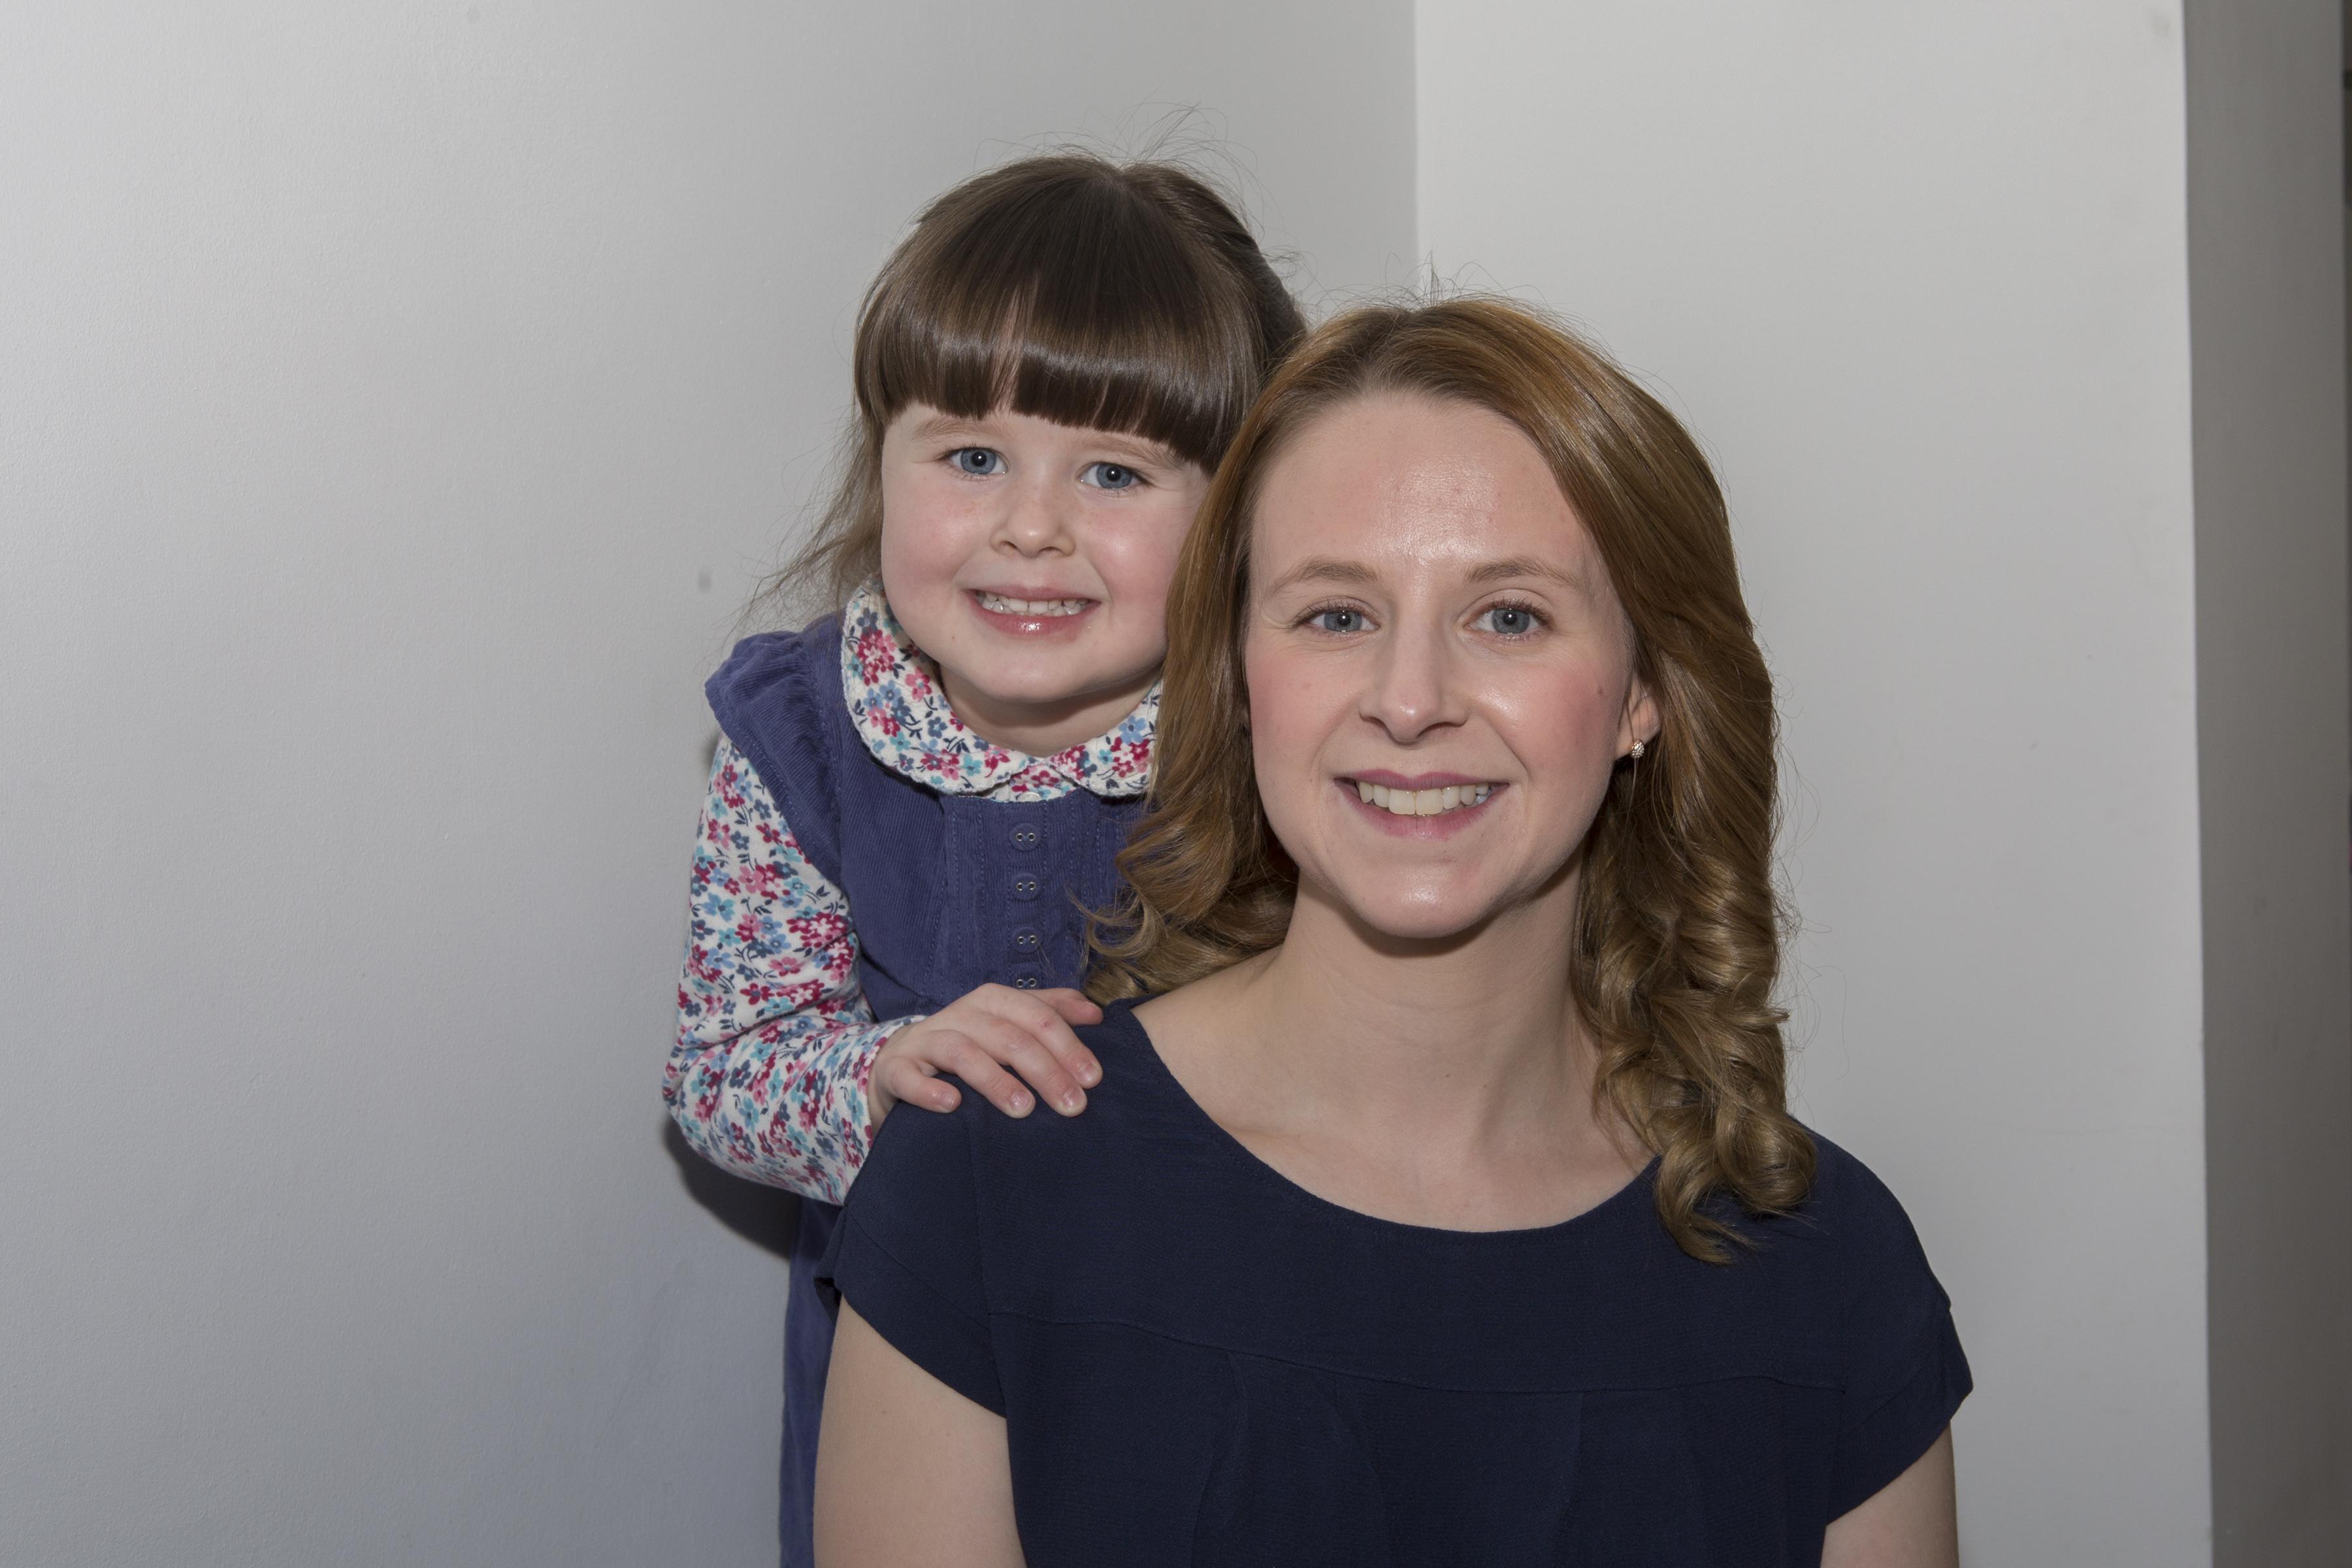 Ashley Miller and her daughter Rosie (Robert MacDonald/Northern Studios)